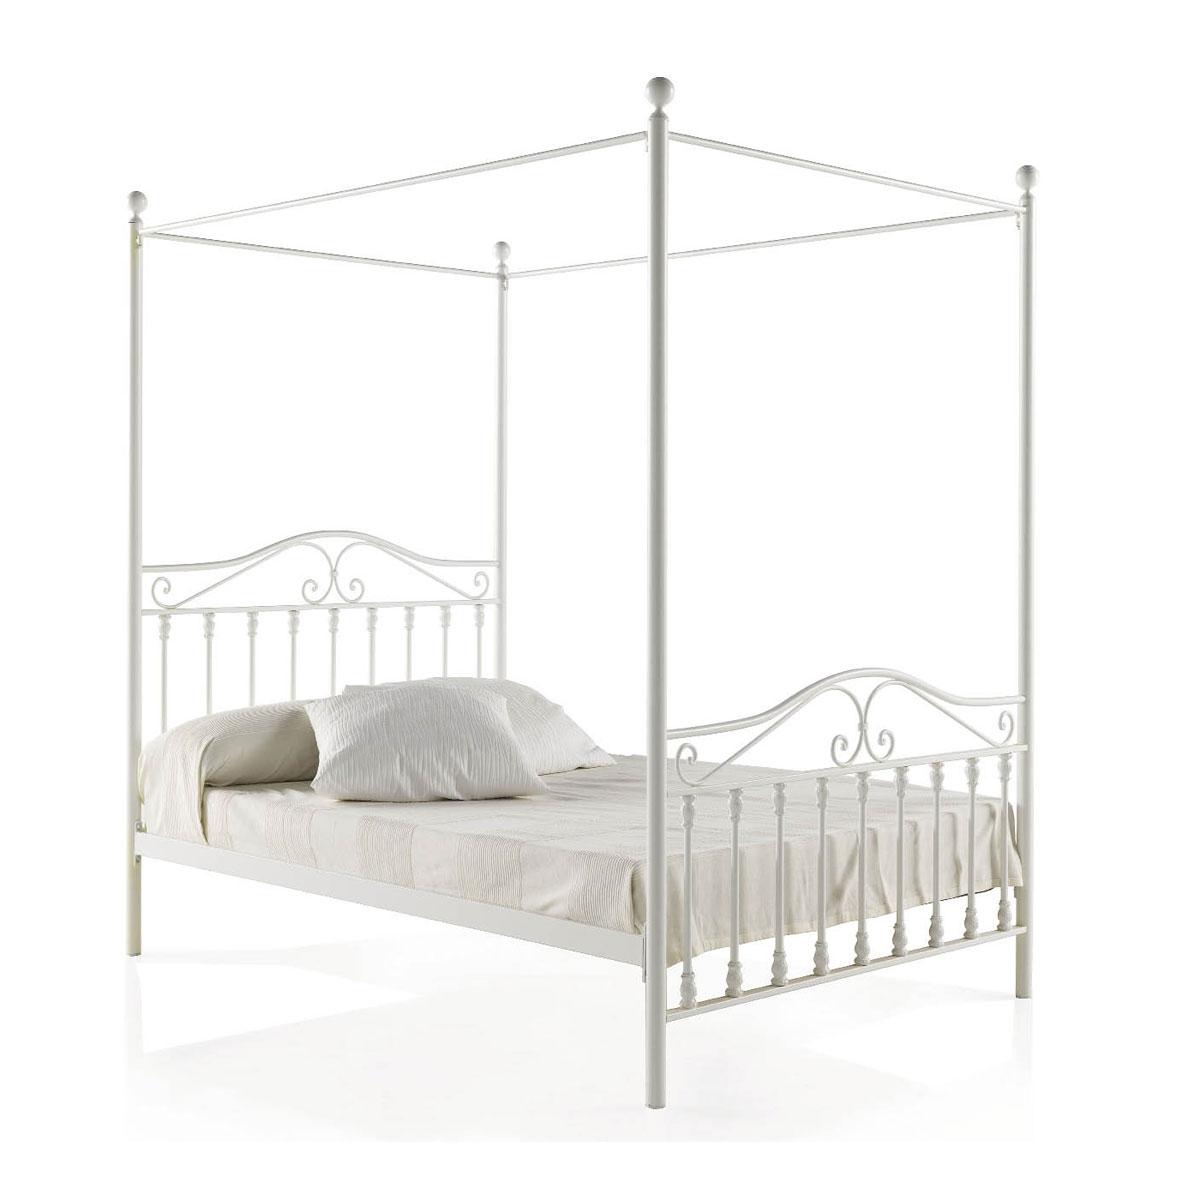 lit fer forg baldaquin personnaliser sorn 6125. Black Bedroom Furniture Sets. Home Design Ideas